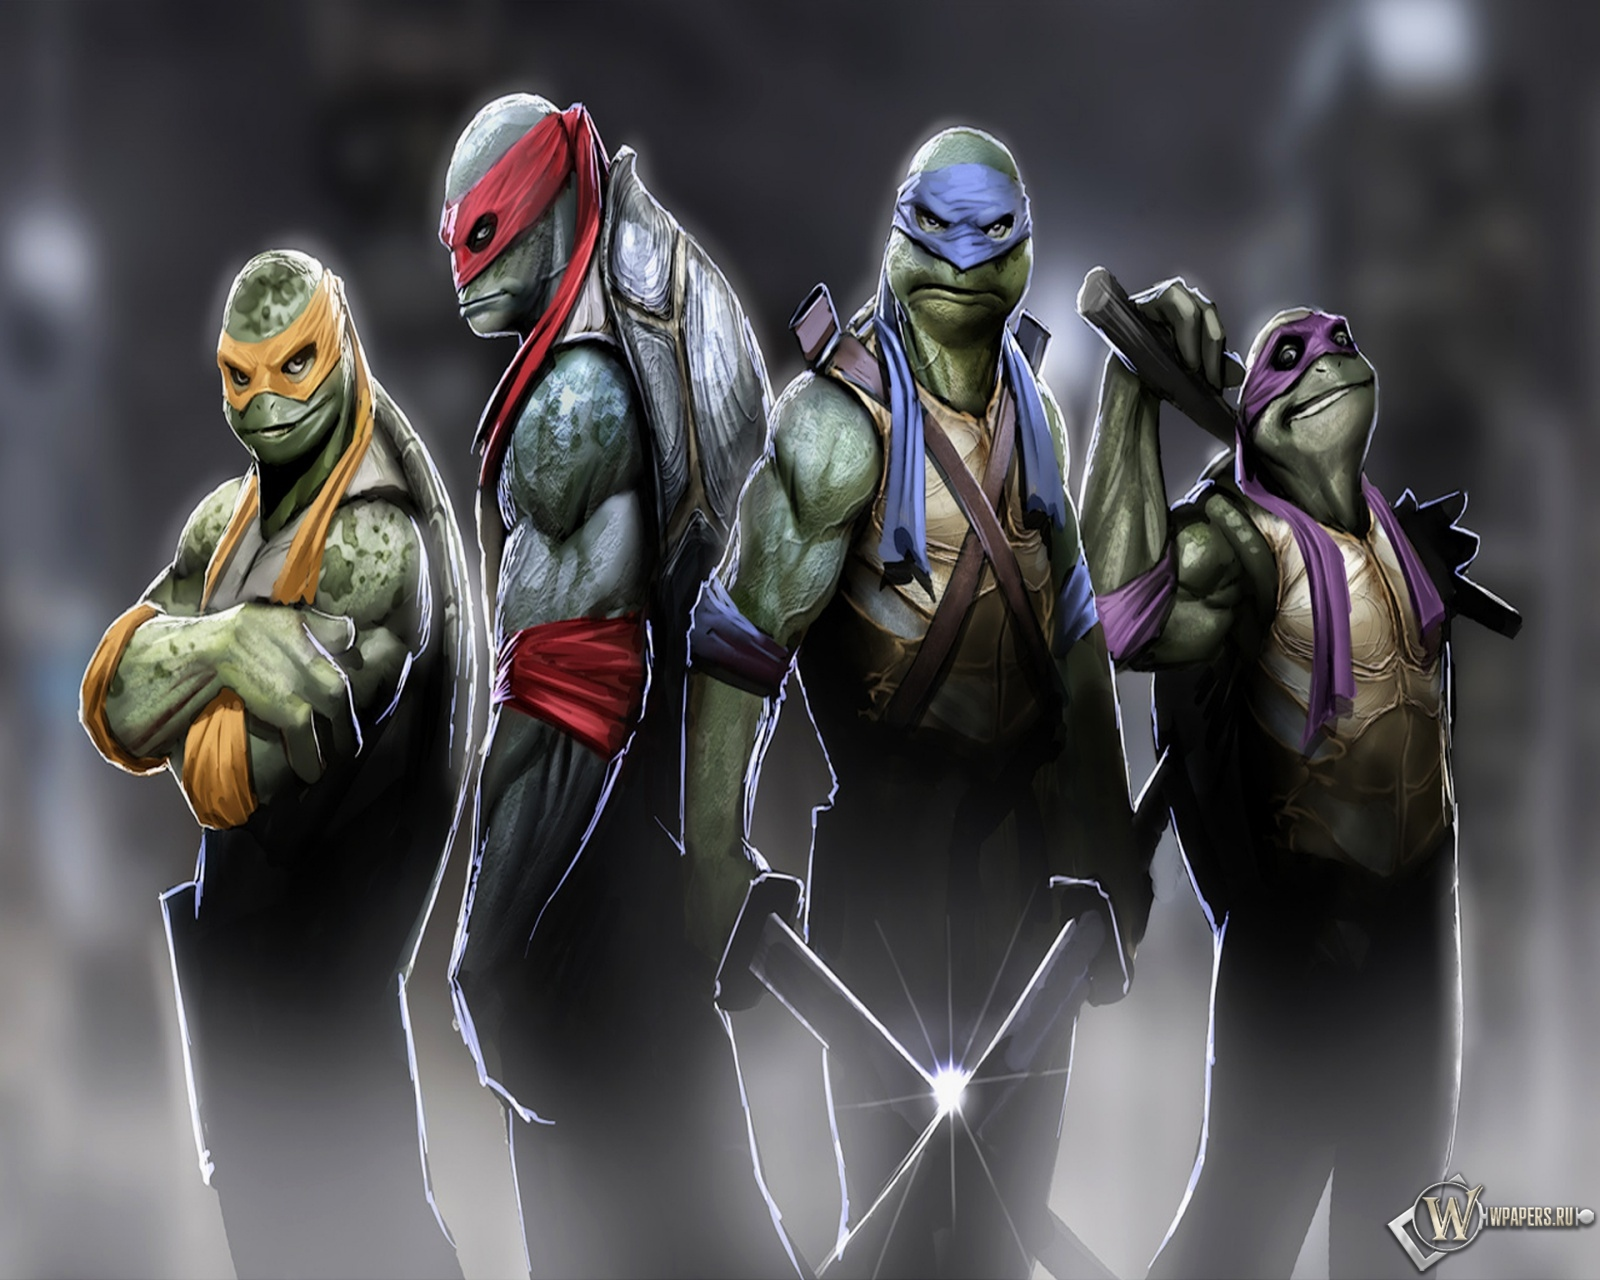 Комиксы о черепашках ниндзя от издательства mirage studios